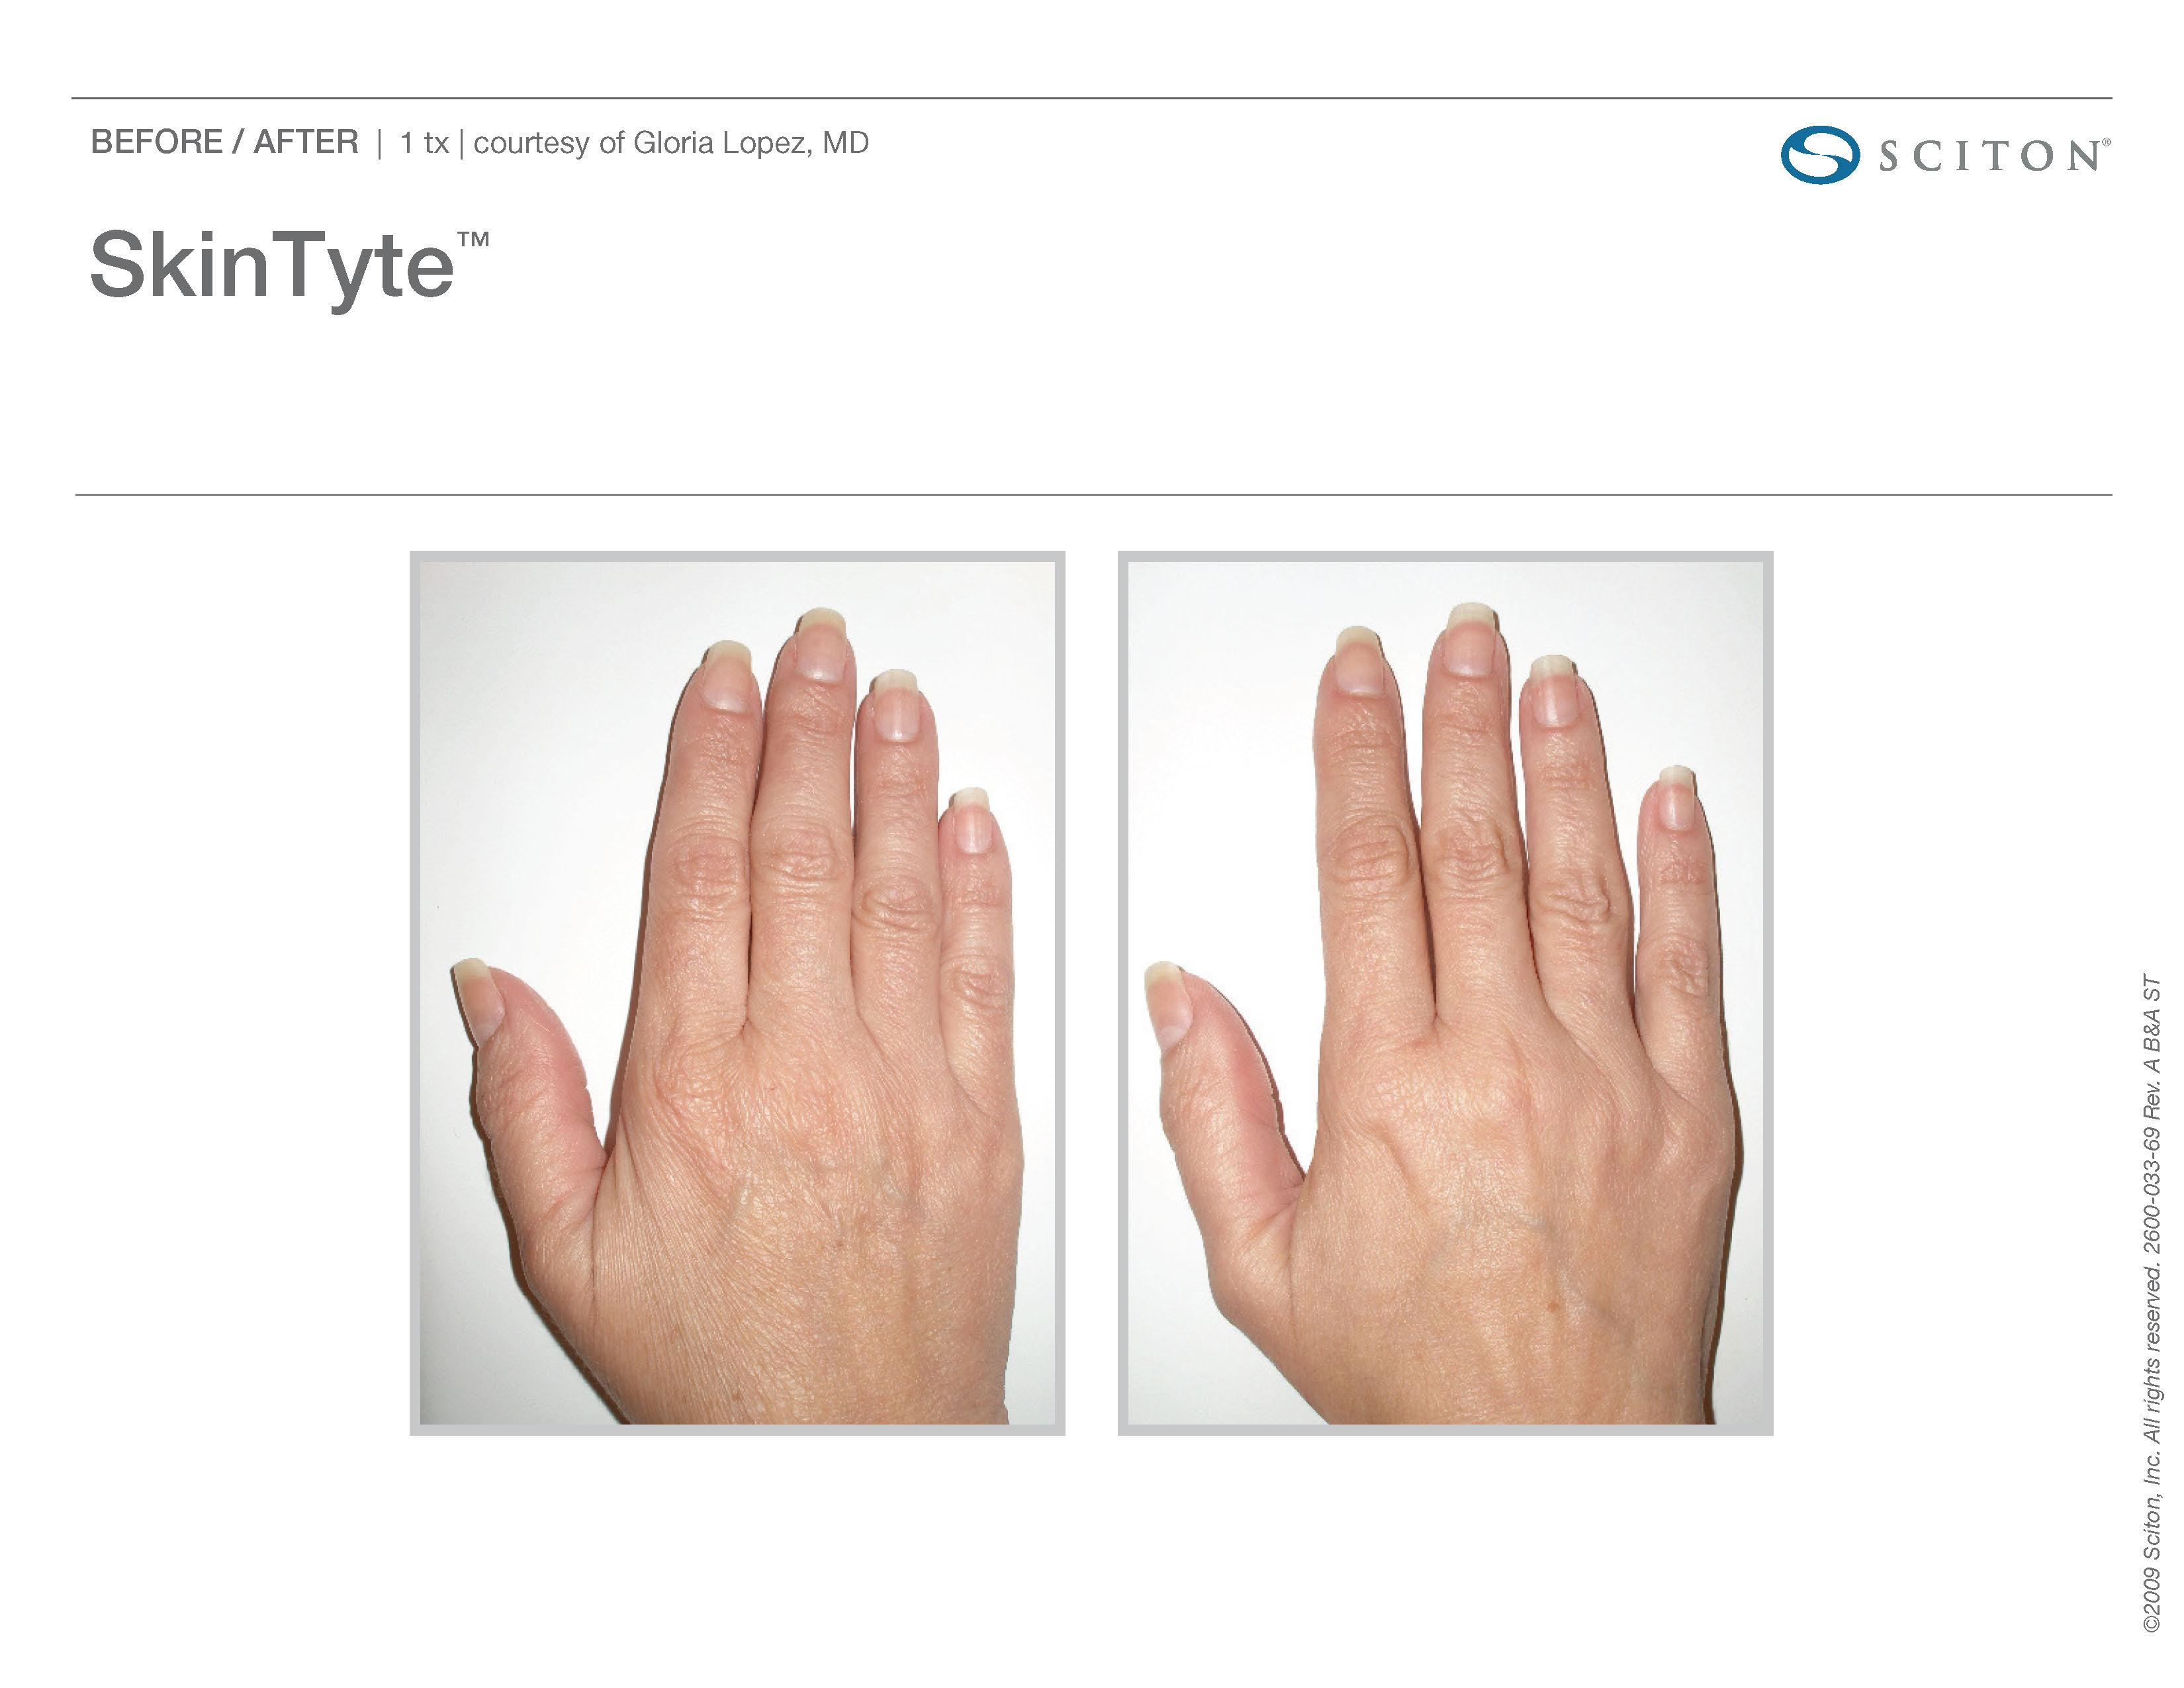 SkinTyte B&A Nov'17_Page_04